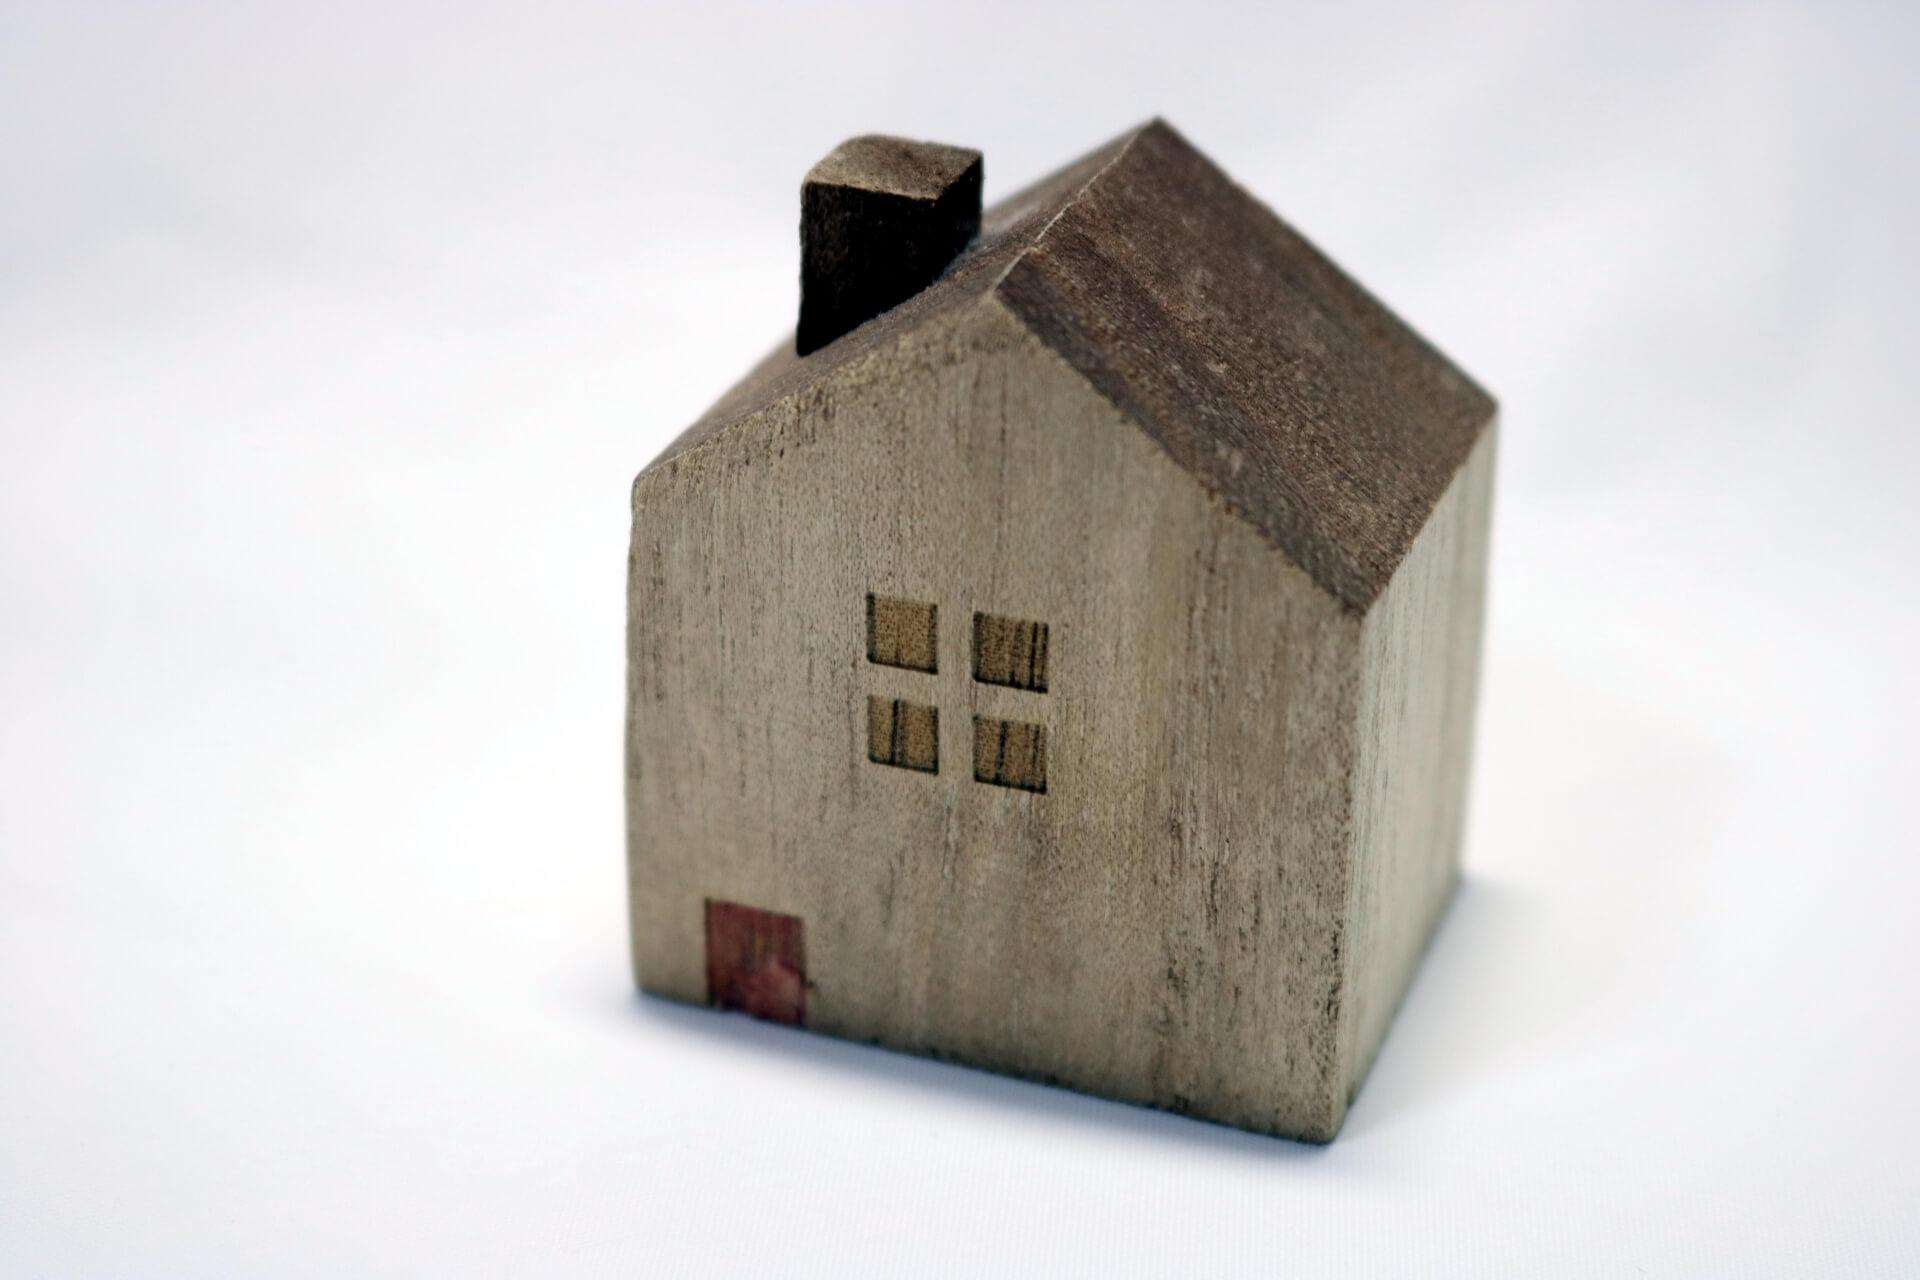 「古家付き」の土地売却は更地にするべき?